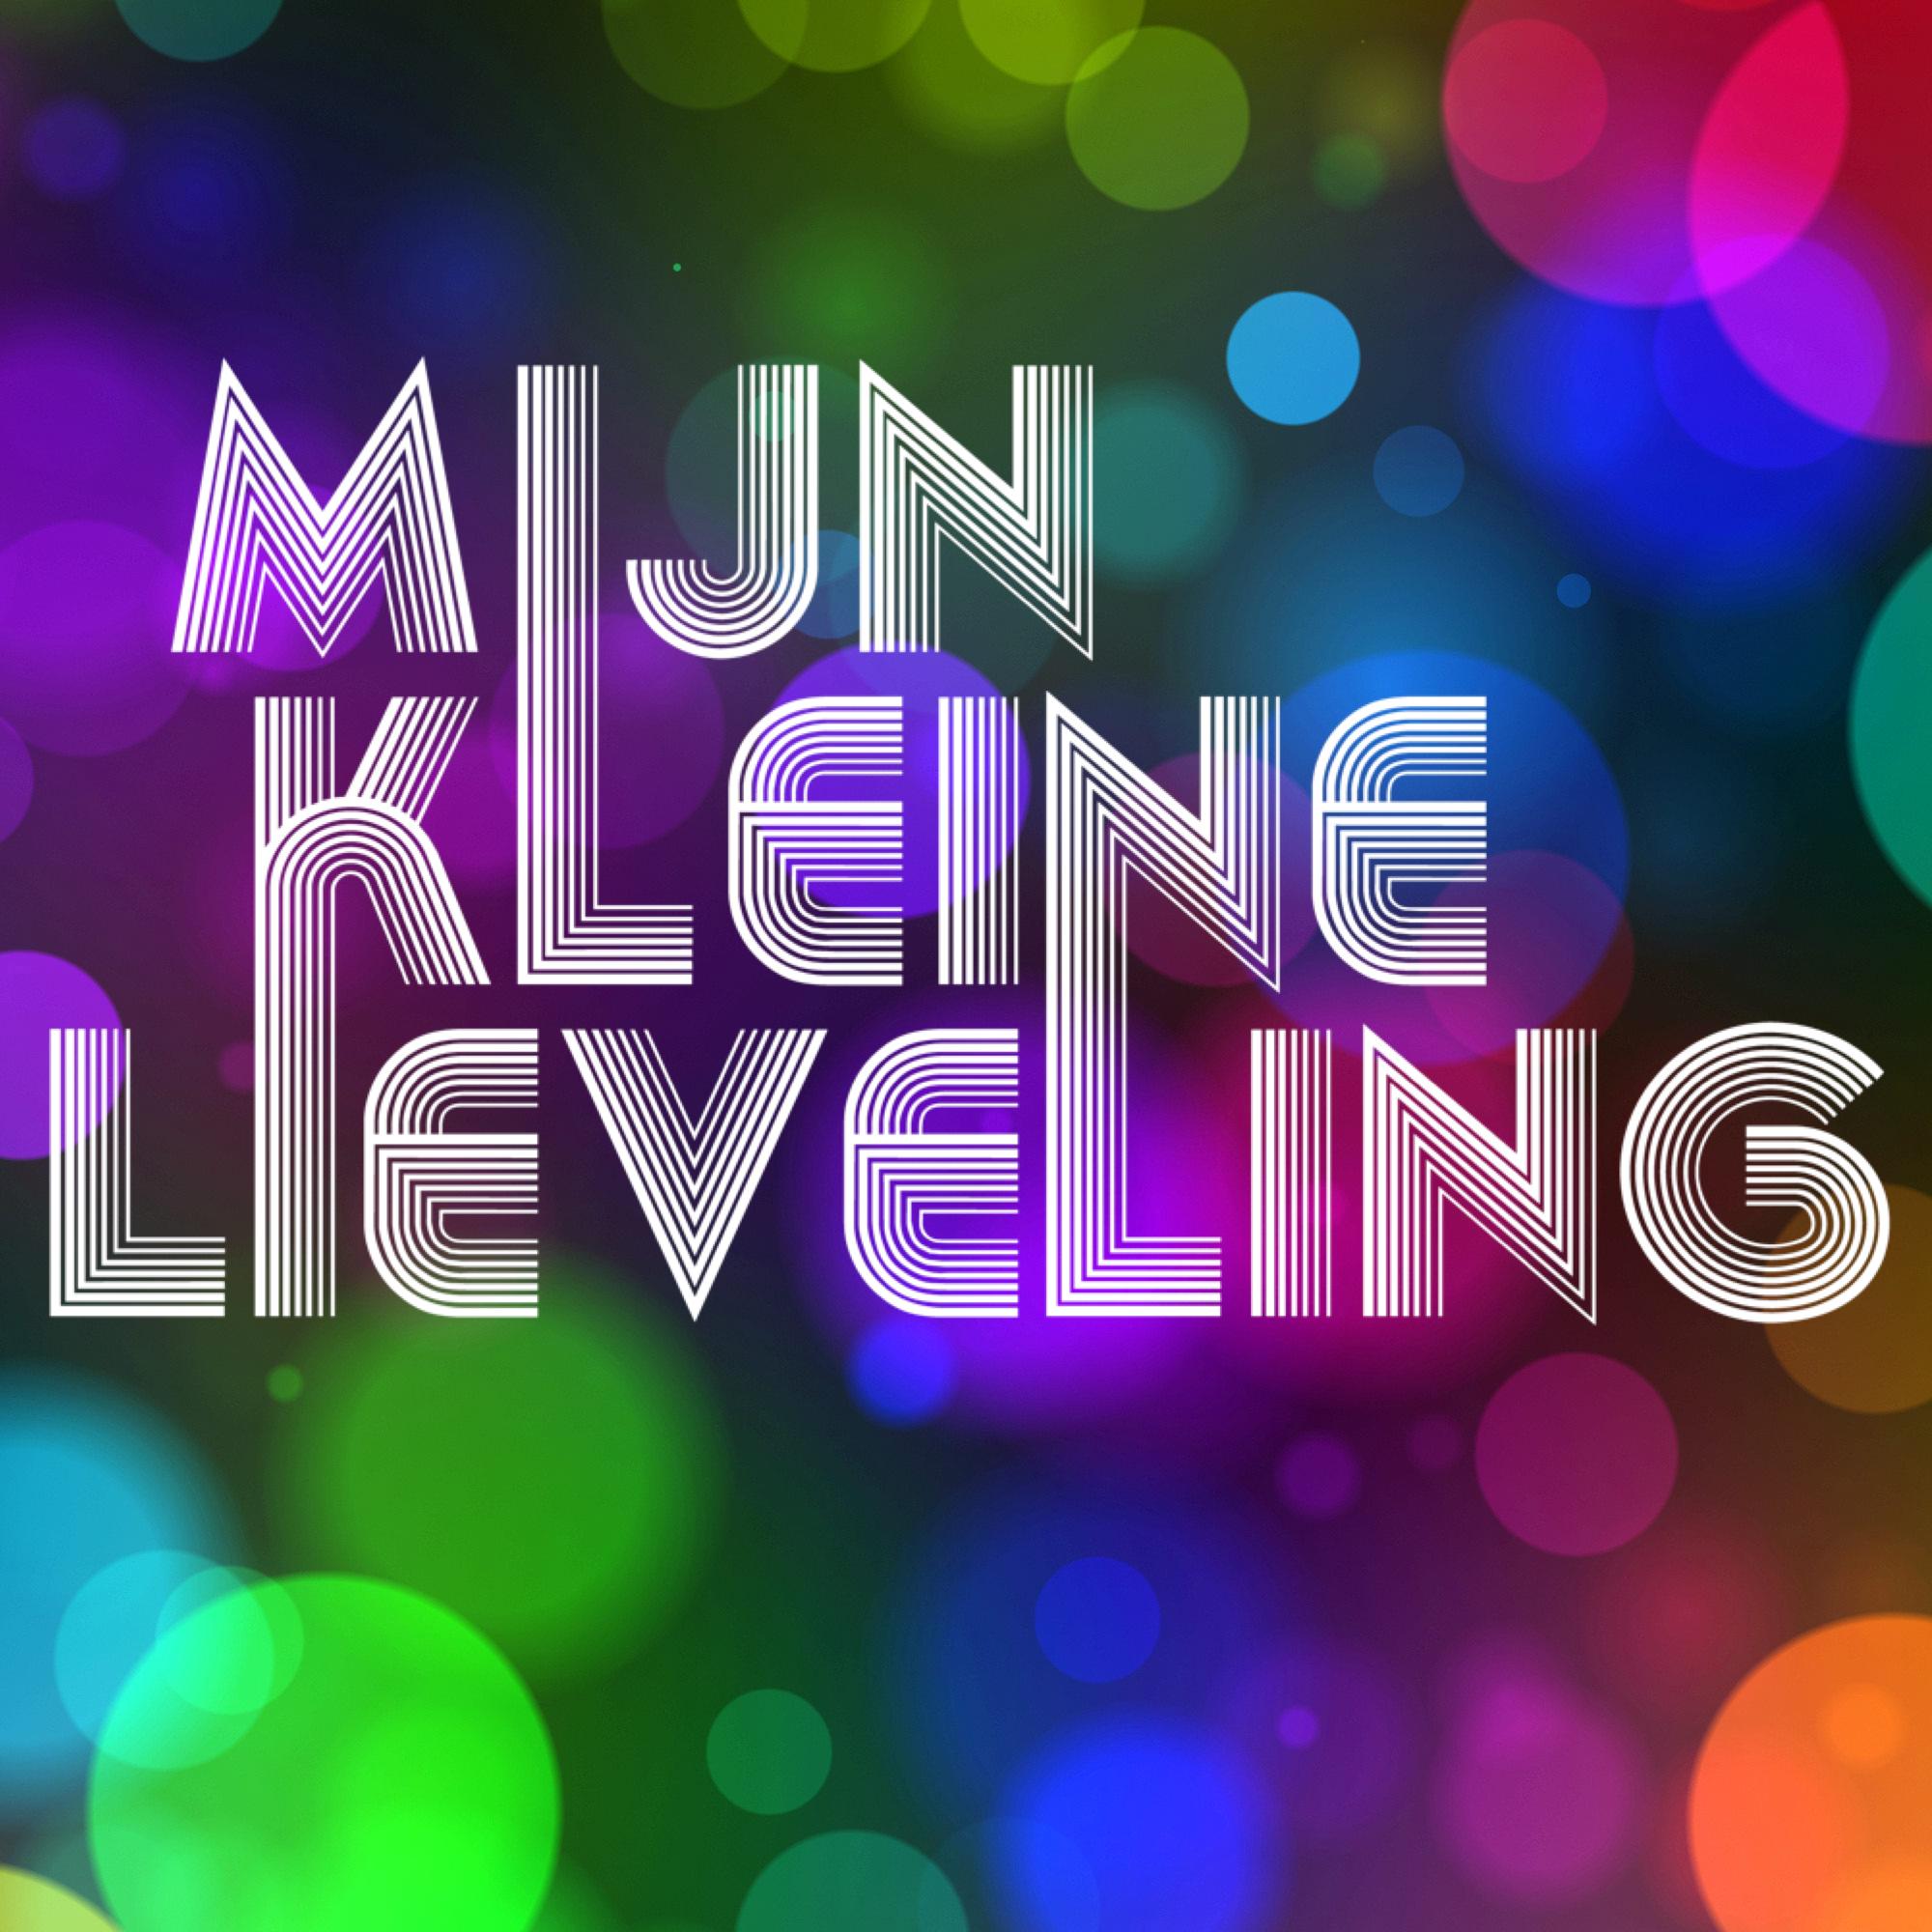 Logo mijnkleinelieveling